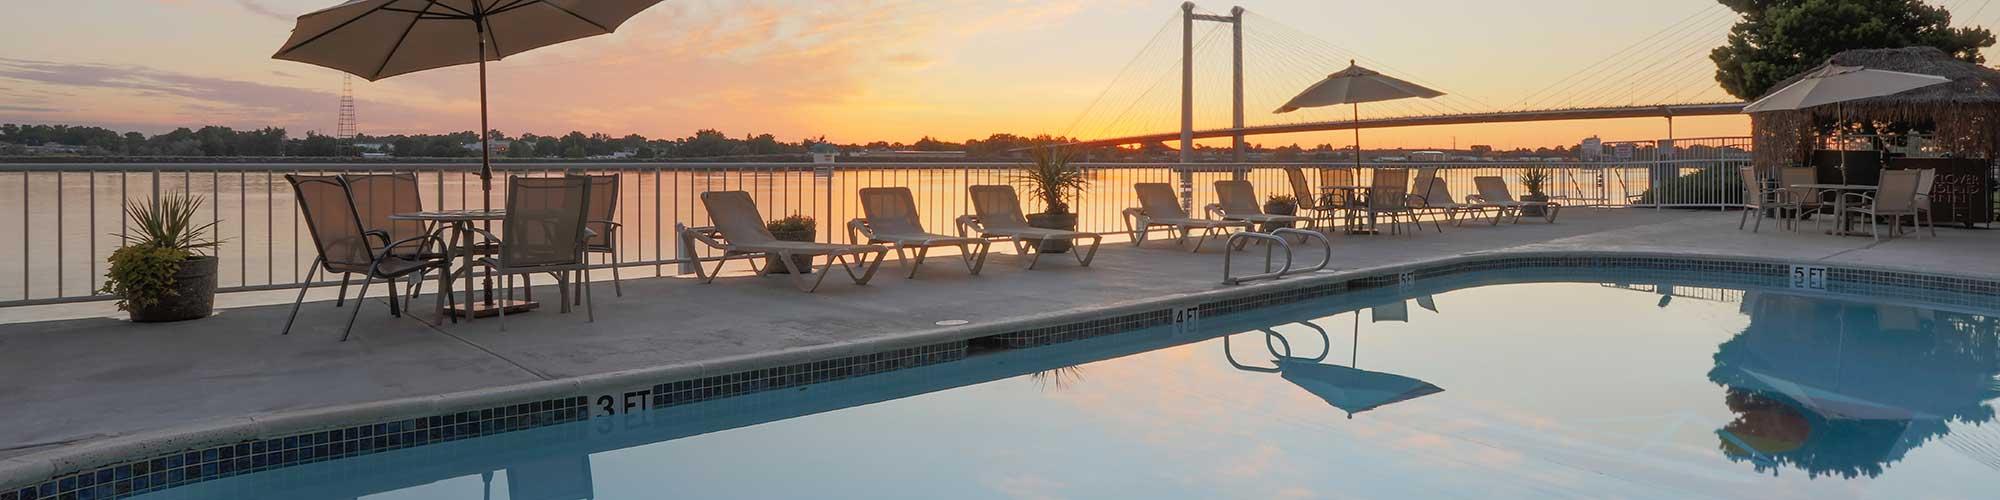 Clover Island Inn pool